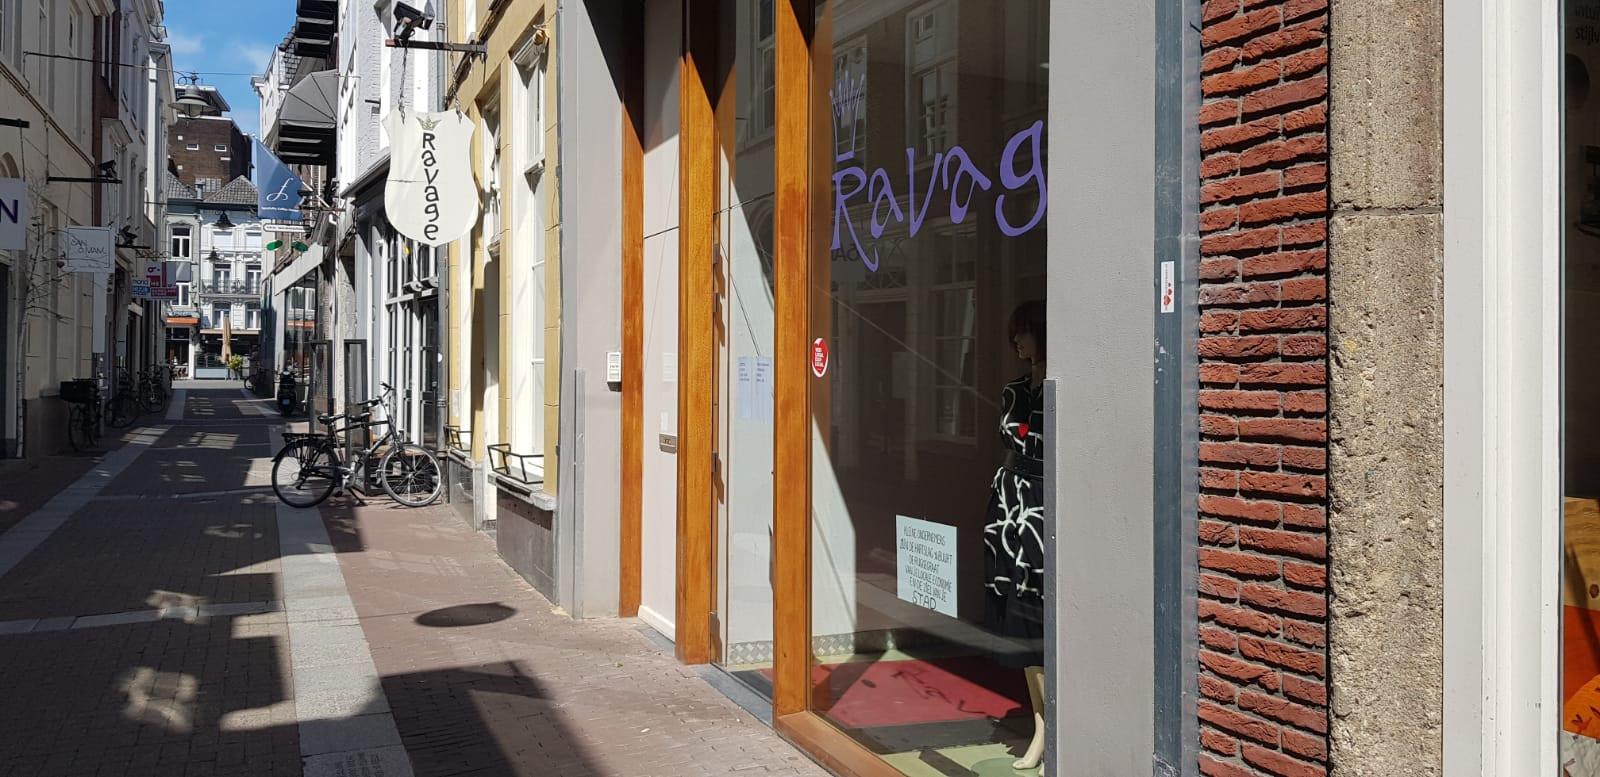 Mooi gebaar van Ravage voor cliënten van Voedselbank Den Bosch